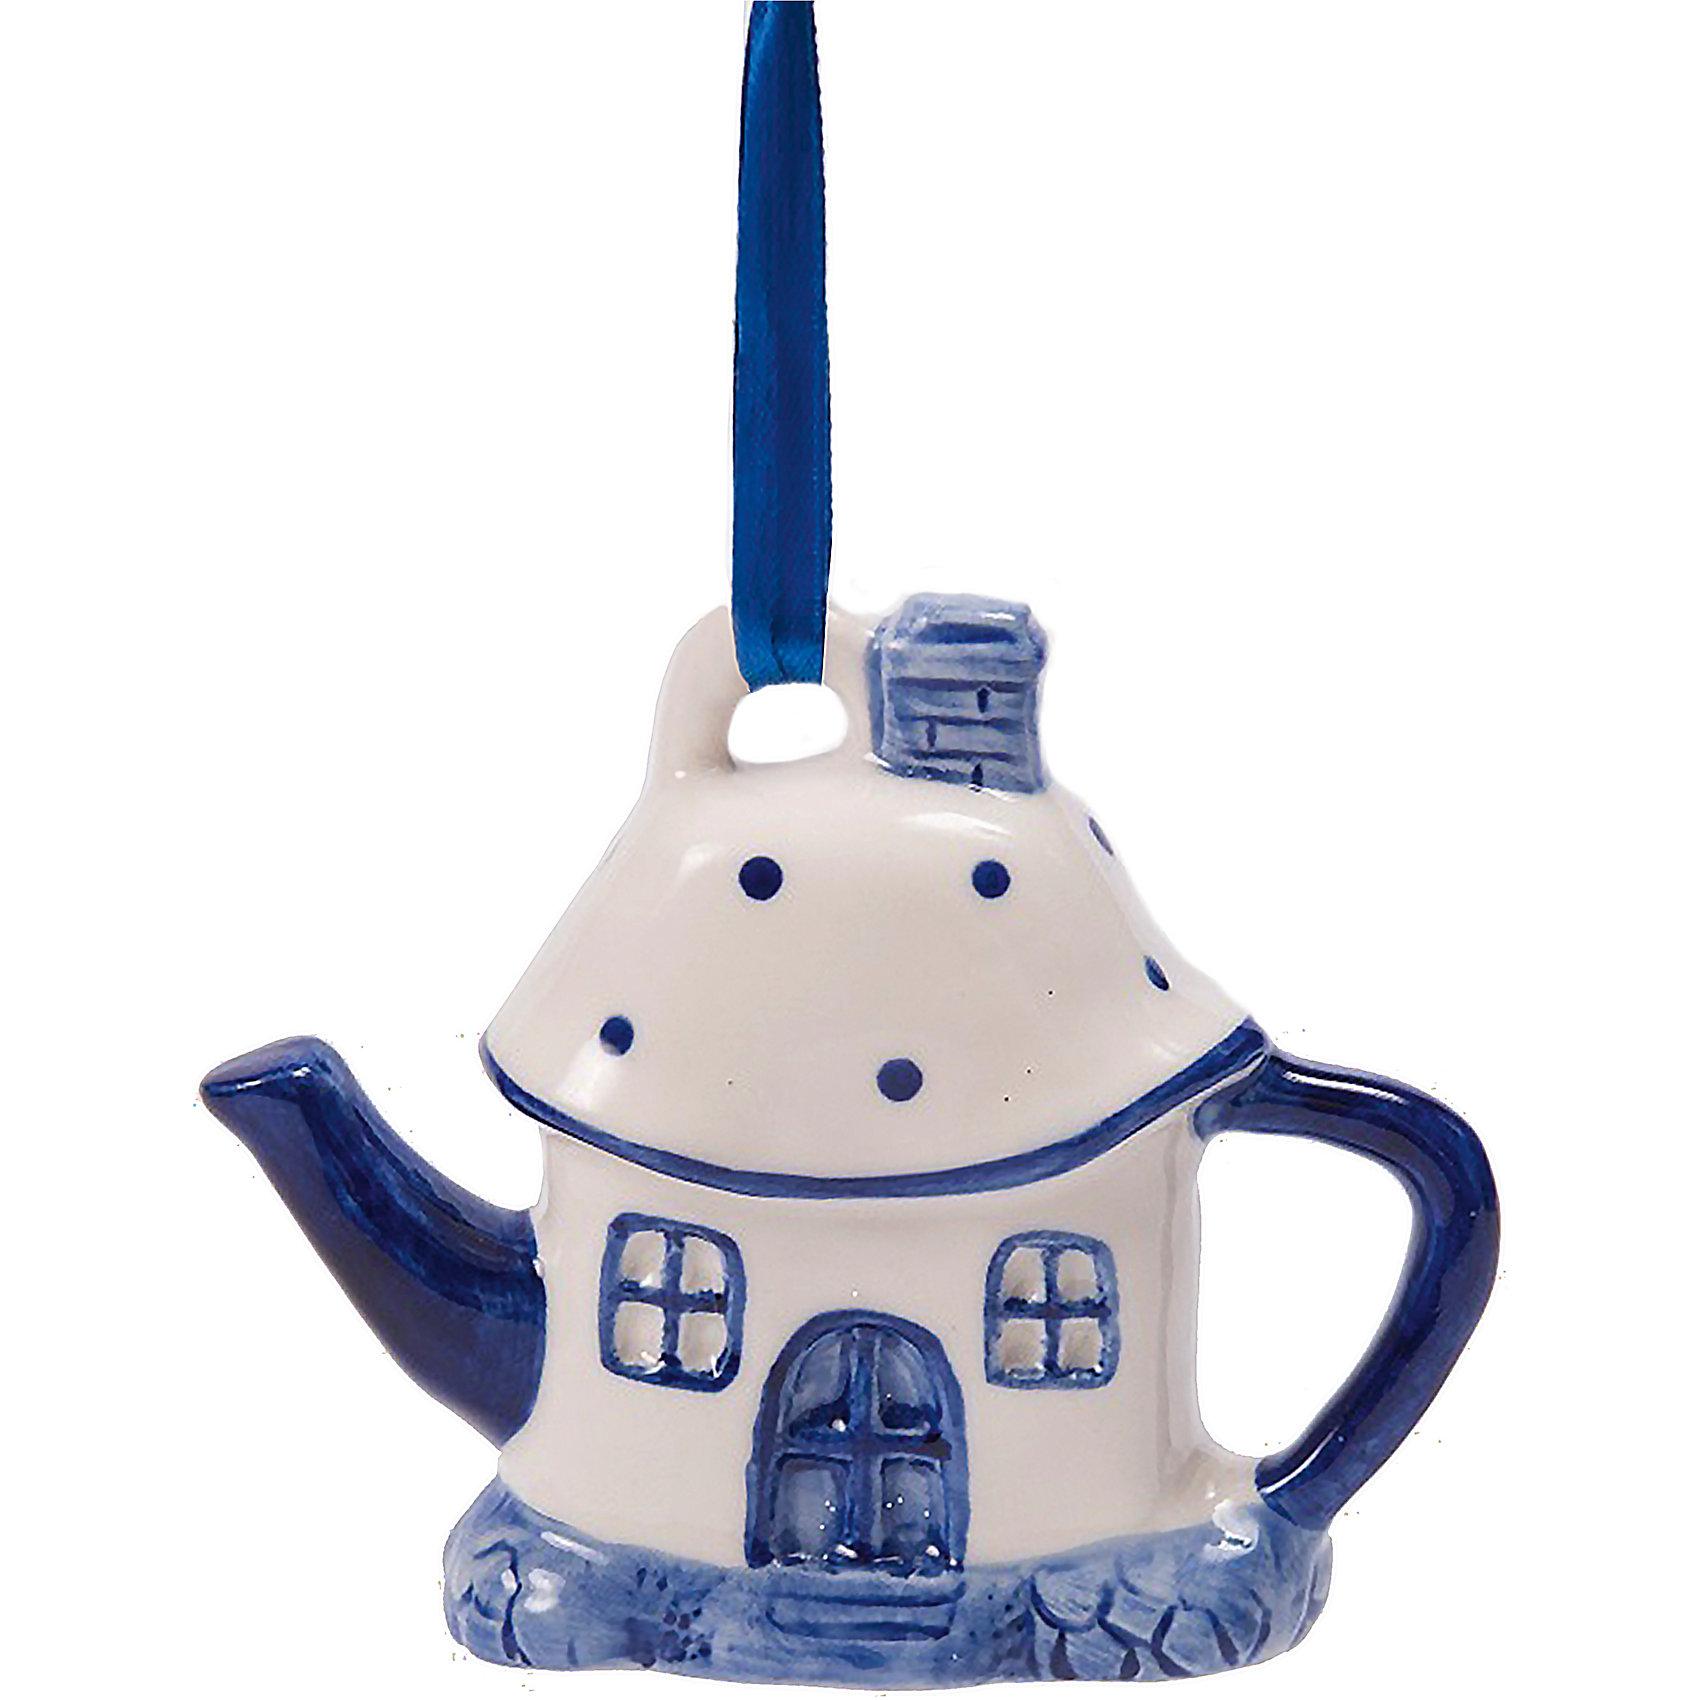 Новогоднее подвесное елочное украшение Чайный домик из керамикиЁлочные игрушки<br><br><br>Ширина мм: 110<br>Глубина мм: 90<br>Высота мм: 30<br>Вес г: 112<br>Возраст от месяцев: 24<br>Возраст до месяцев: 2147483647<br>Пол: Унисекс<br>Возраст: Детский<br>SKU: 7129017